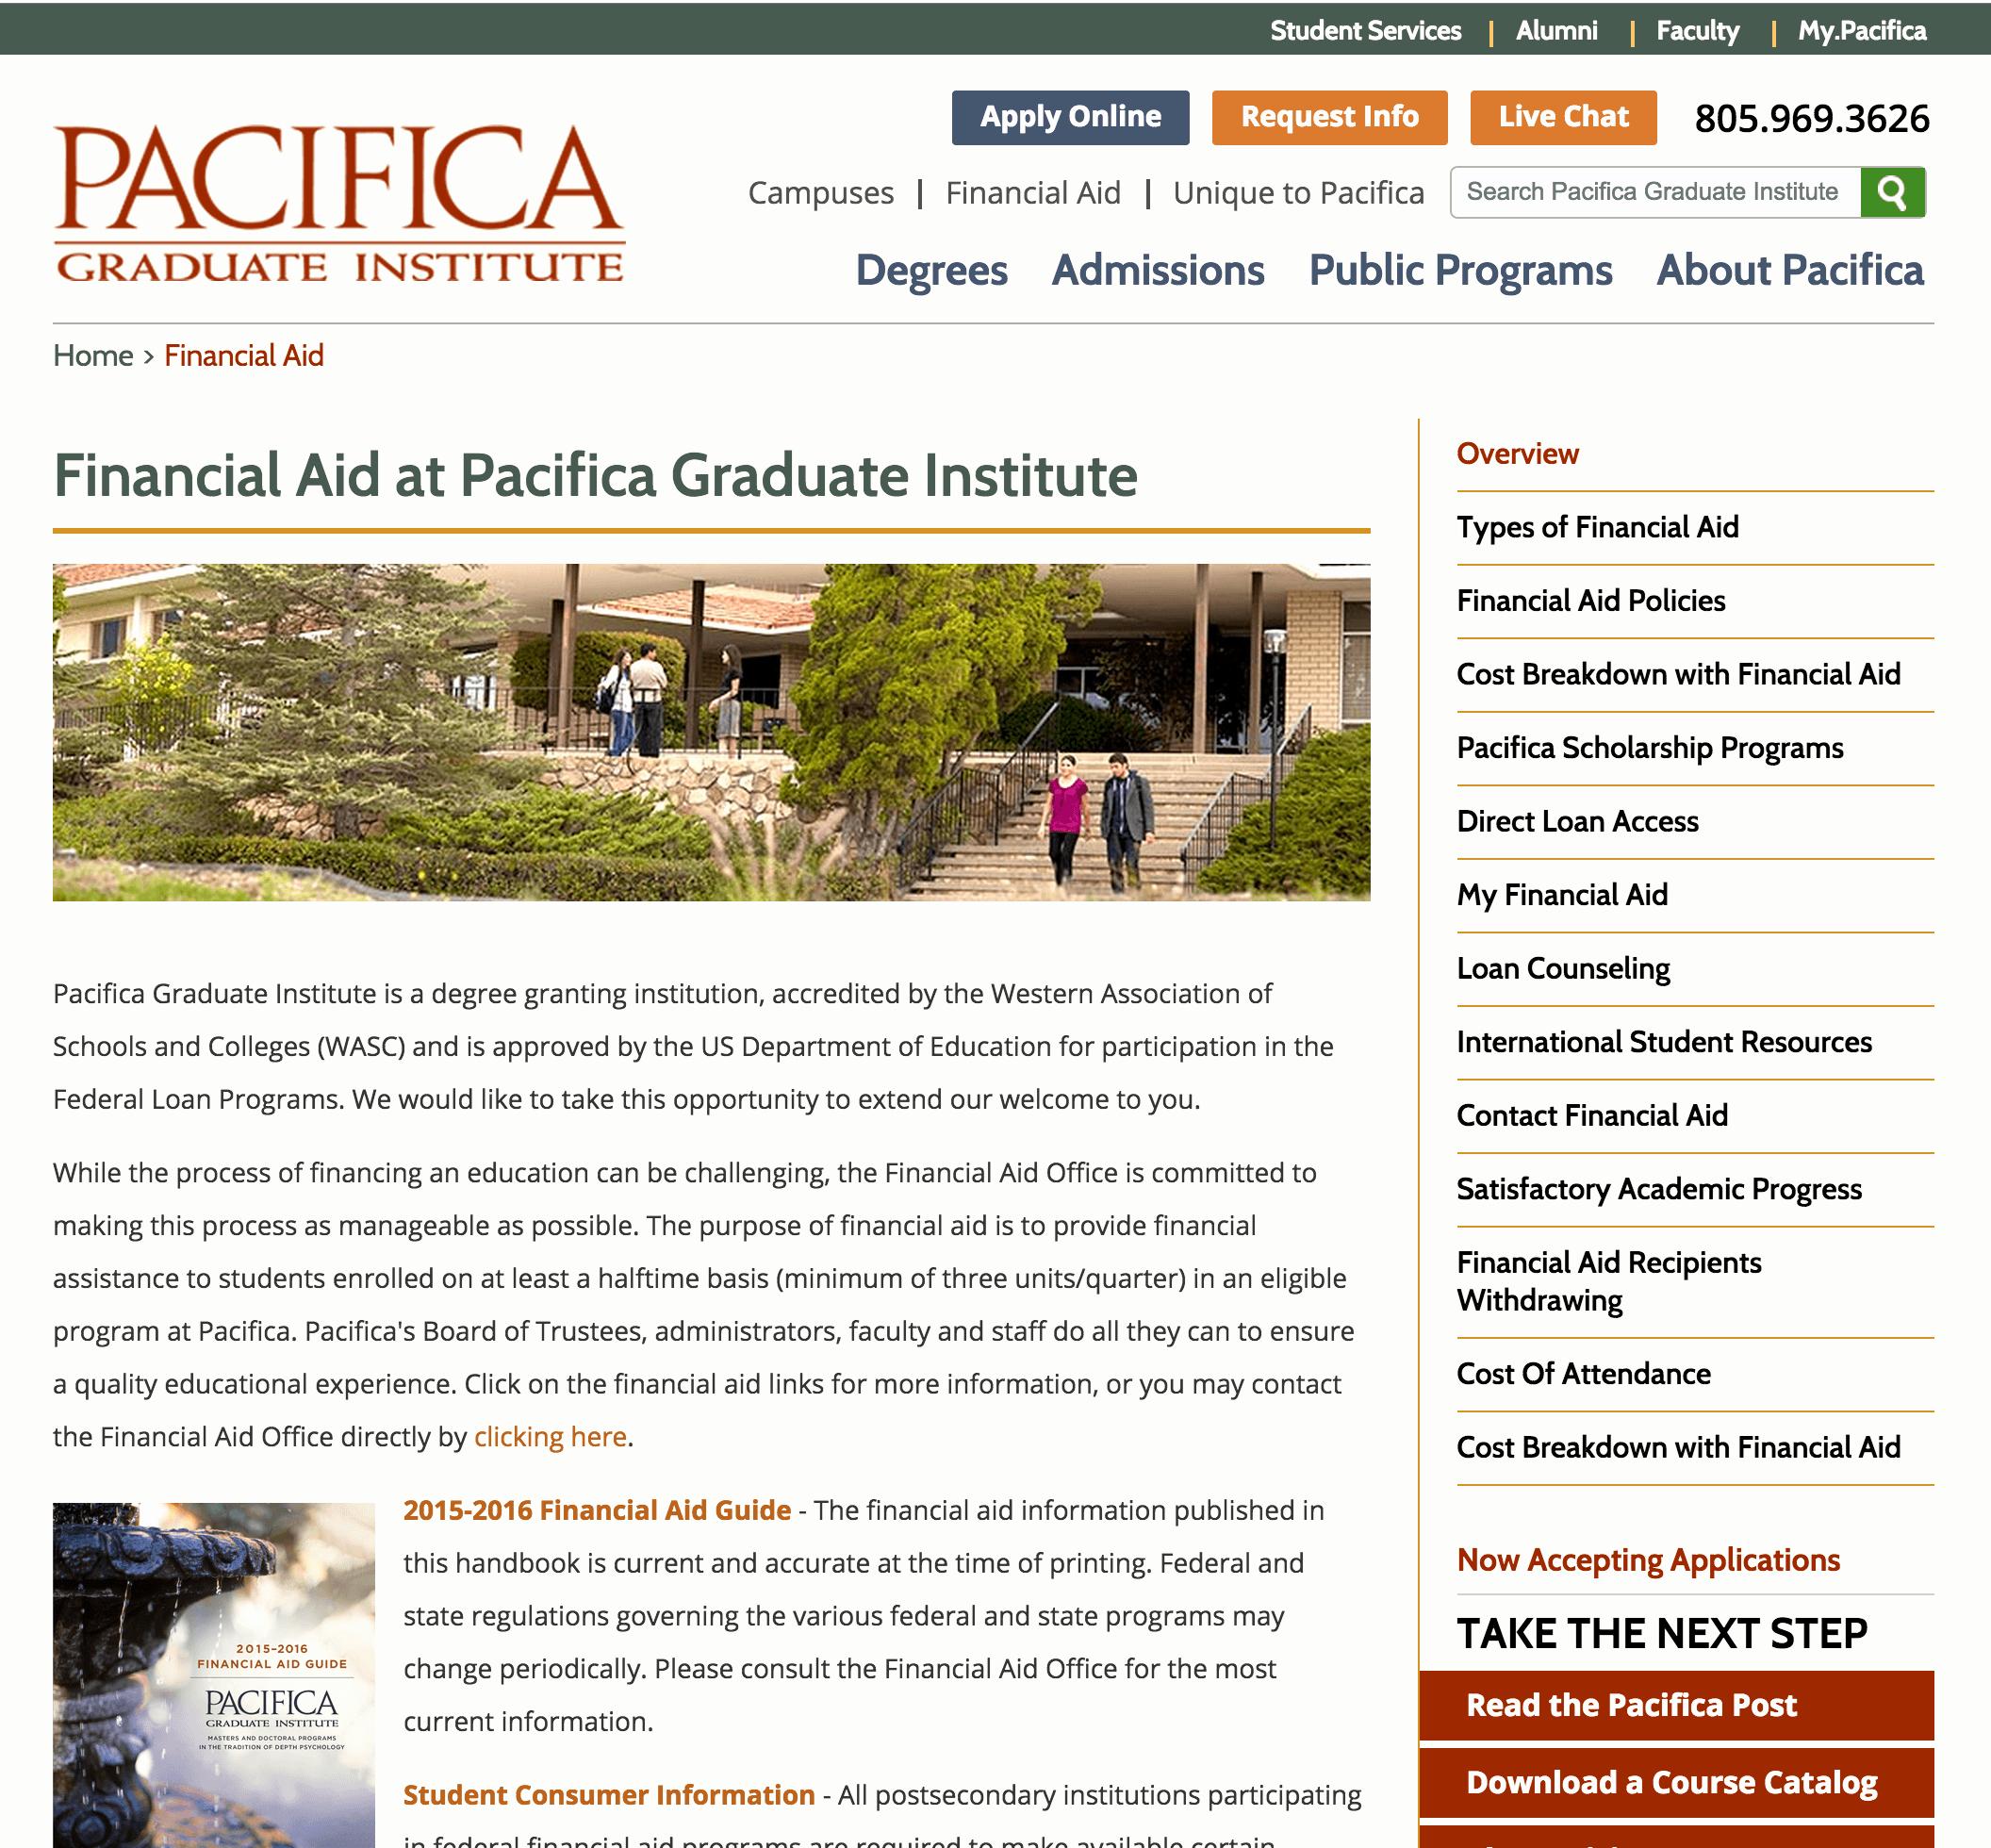 Aacomas Letter Of Recommendation Unique School Uniforms Research Paper thesis Argumentative Essay